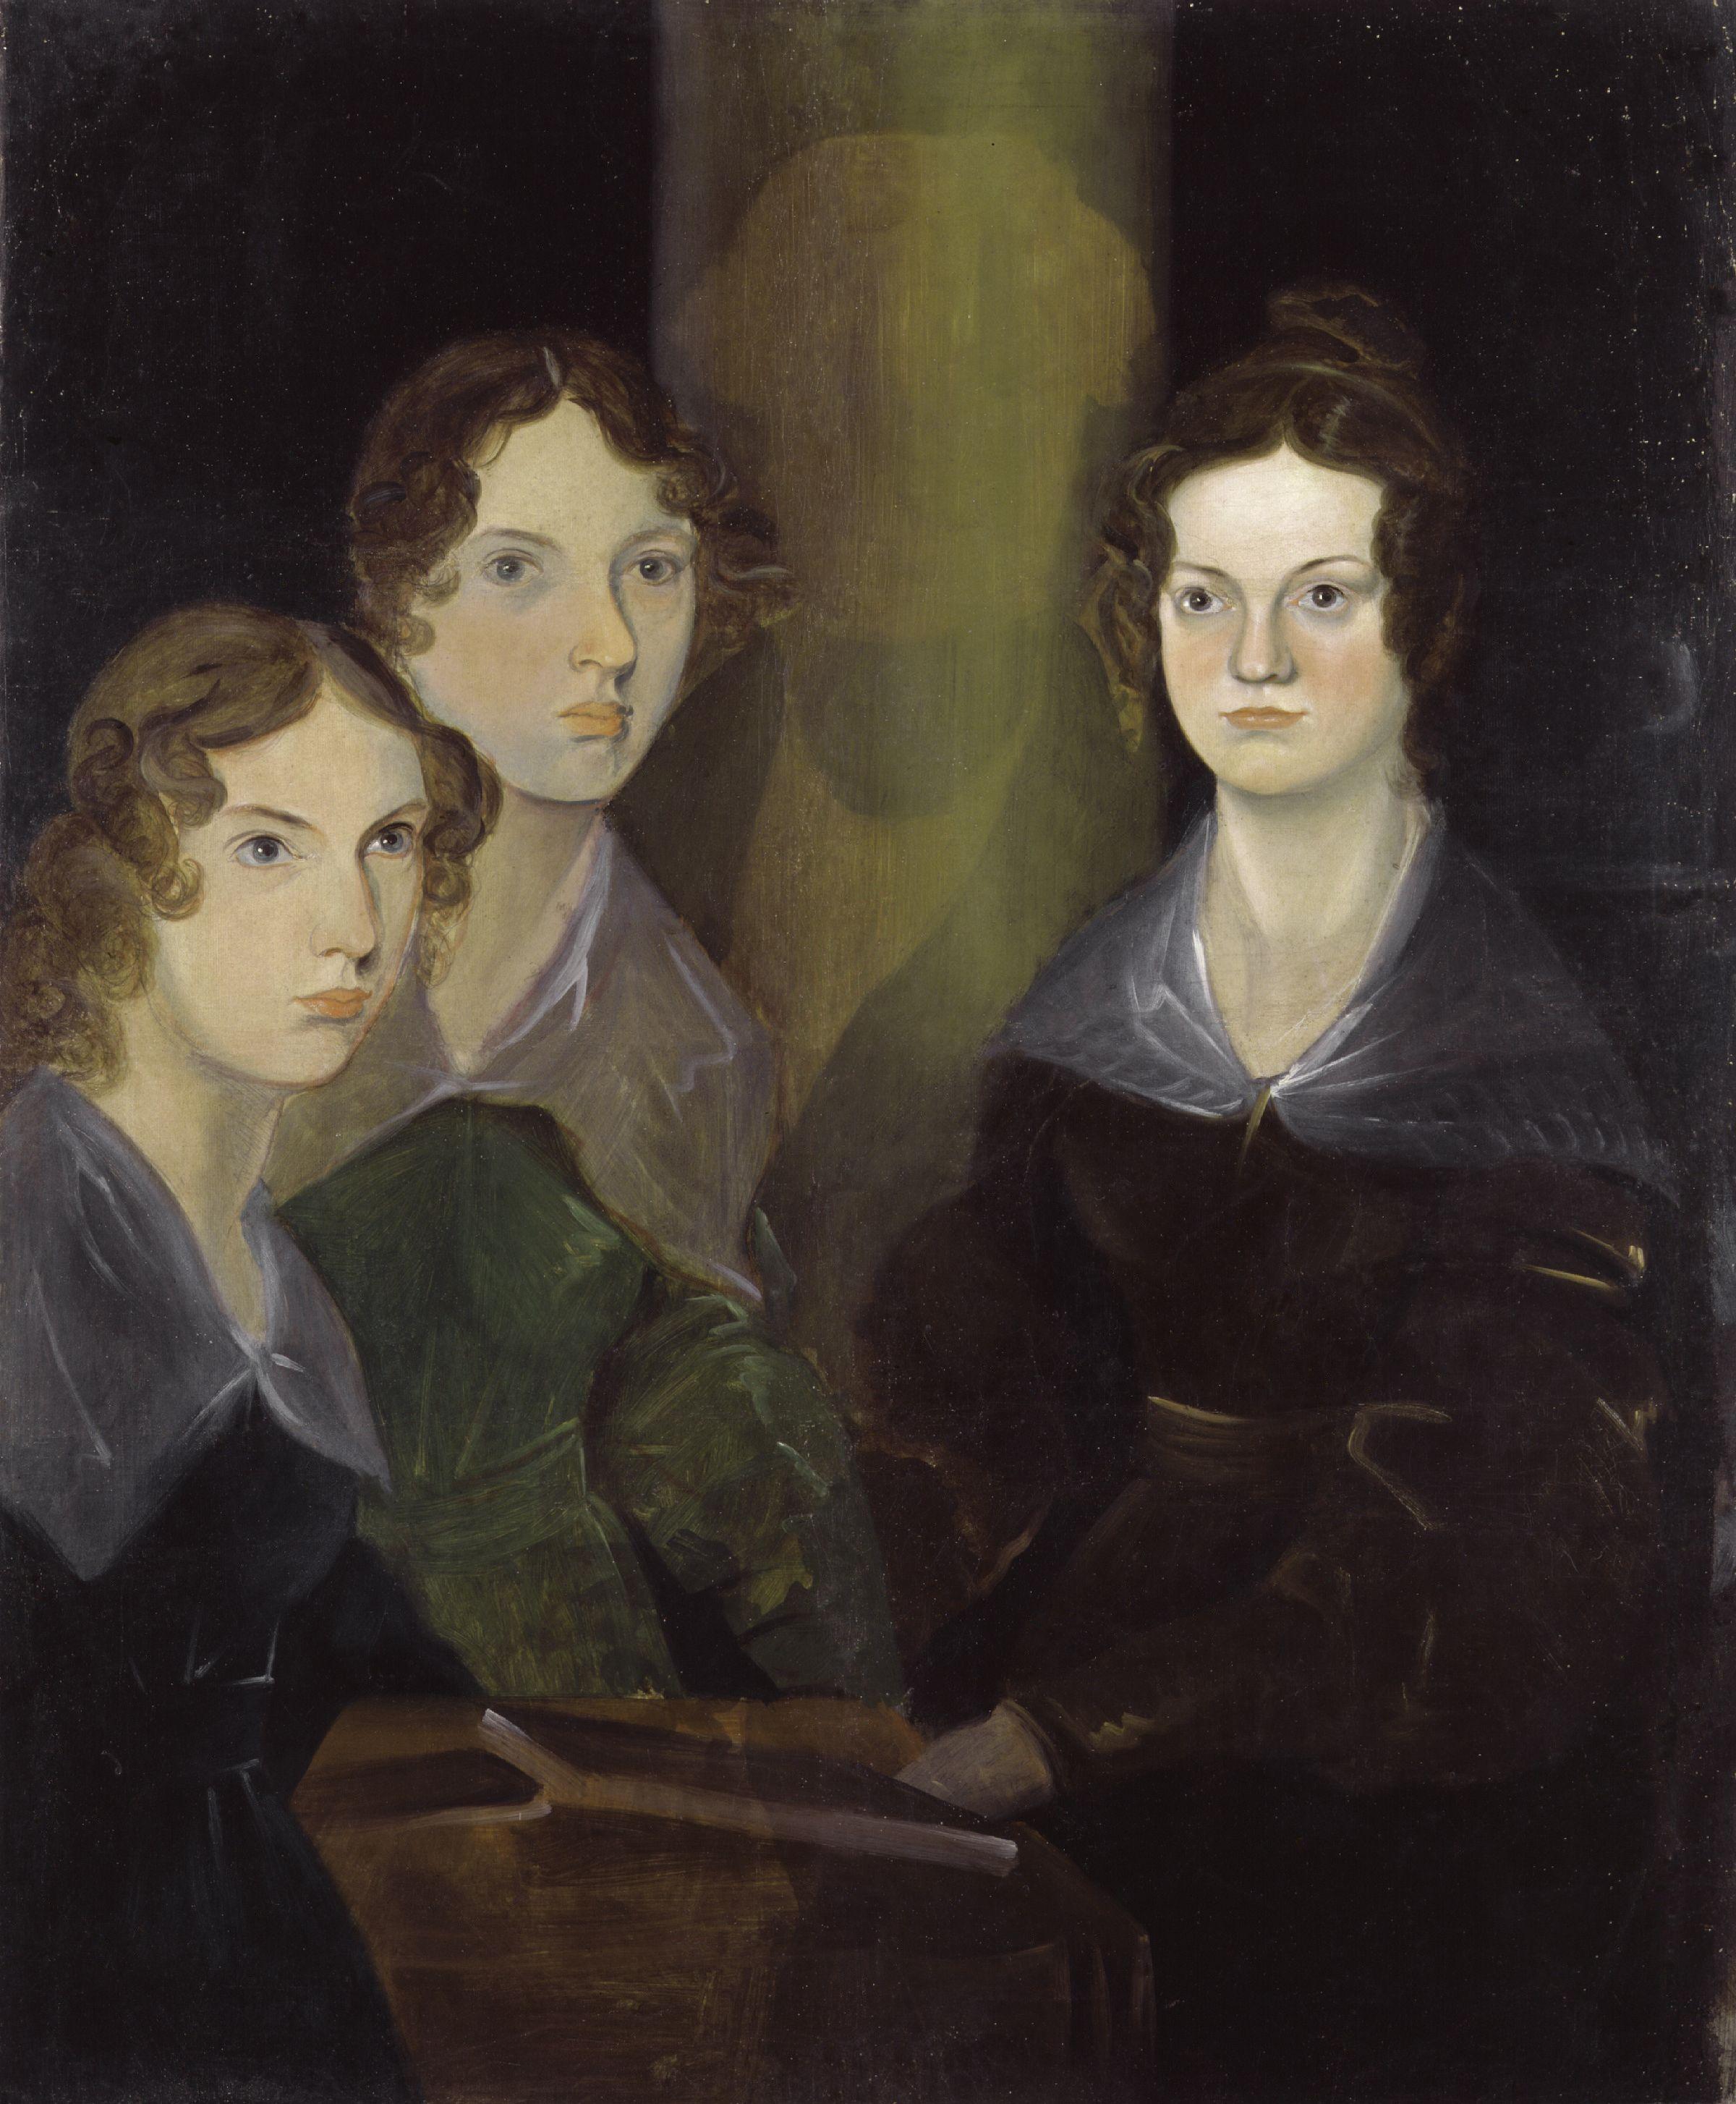 Les trois soeurs Brontë peintes par Patrick Branwell Brontë. Lauteure st mort en 1848, mais limage serait toujours protégées par le droit dauteur ... du musée !